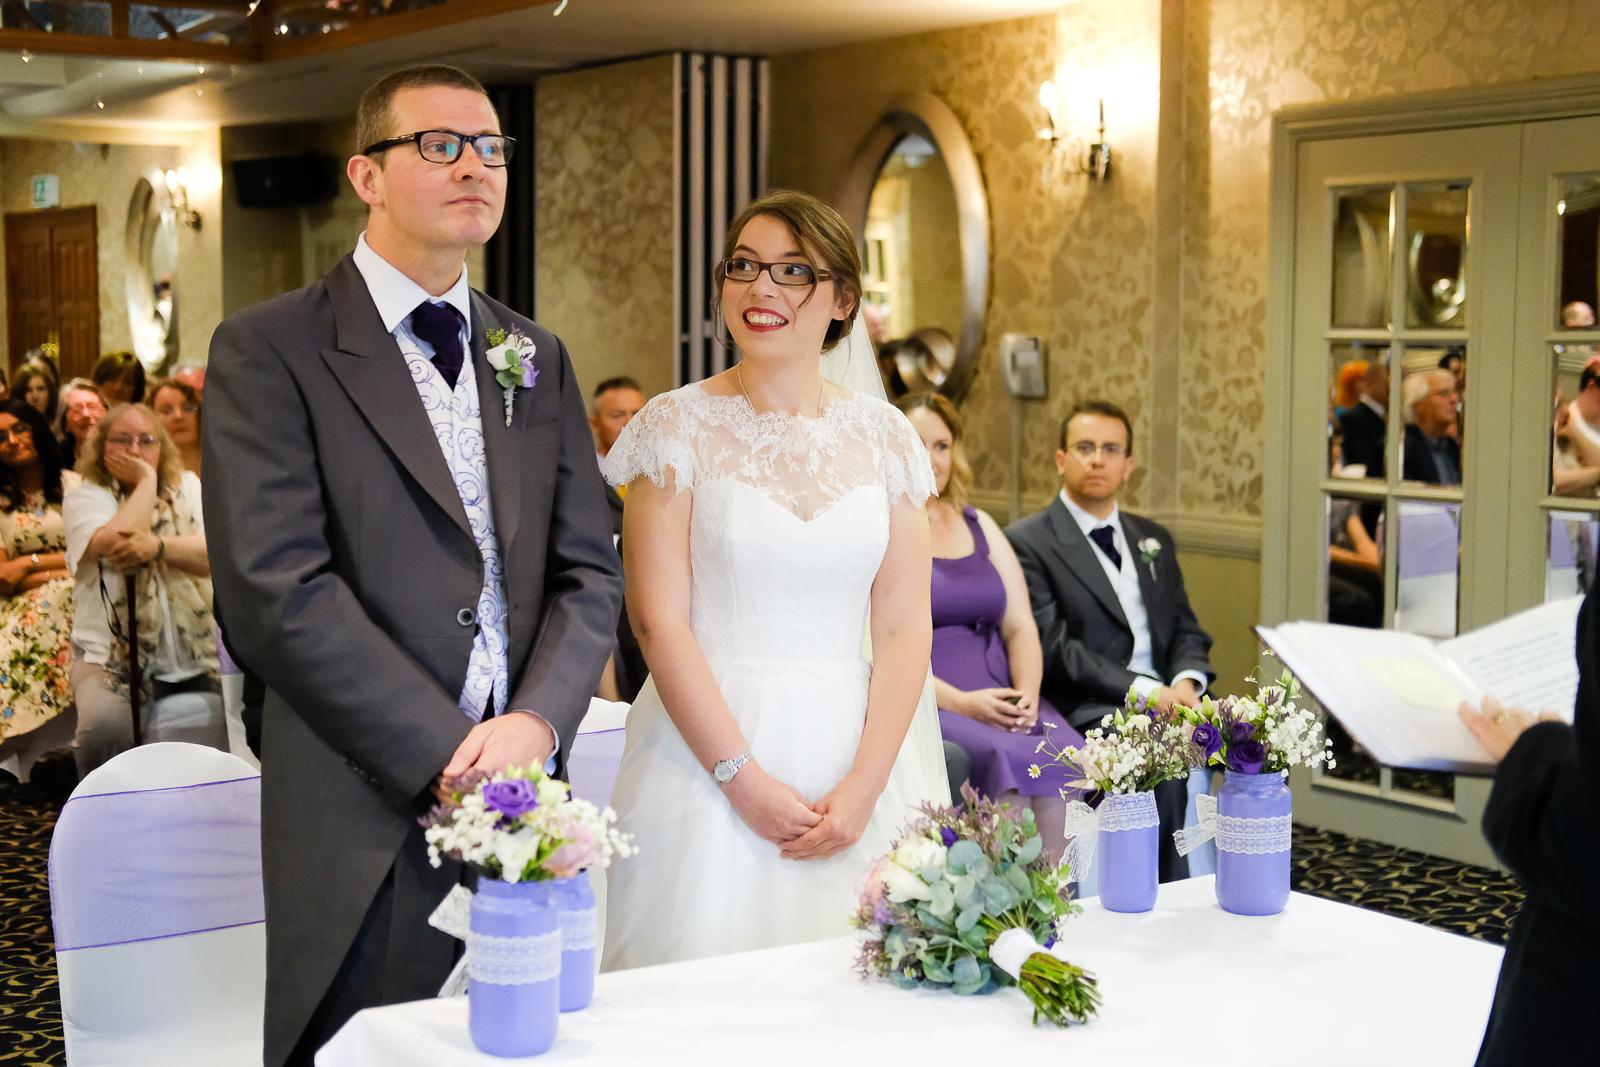 Belmont Hotel Wedding in Leicester 020.jpg